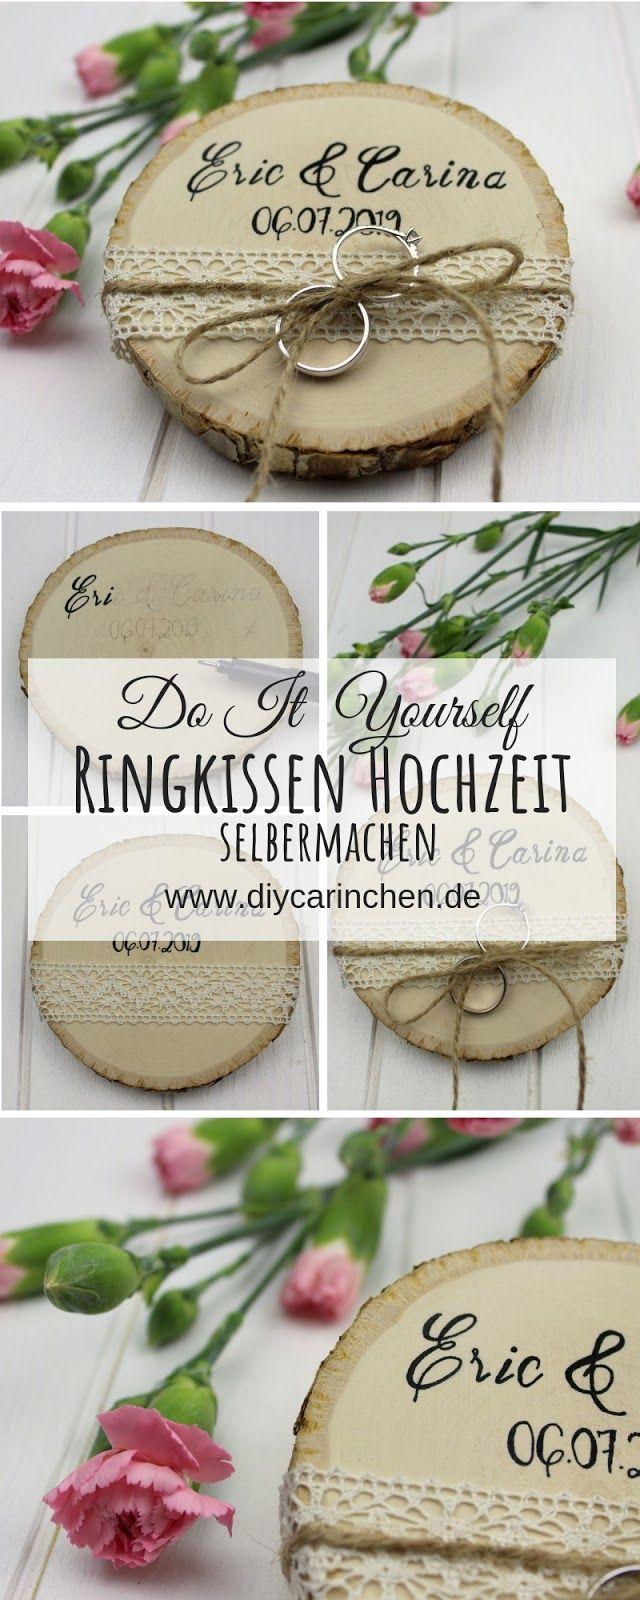 DIY – Rustikales Ringkissen auf einer Baumscheibe einfach selber machen